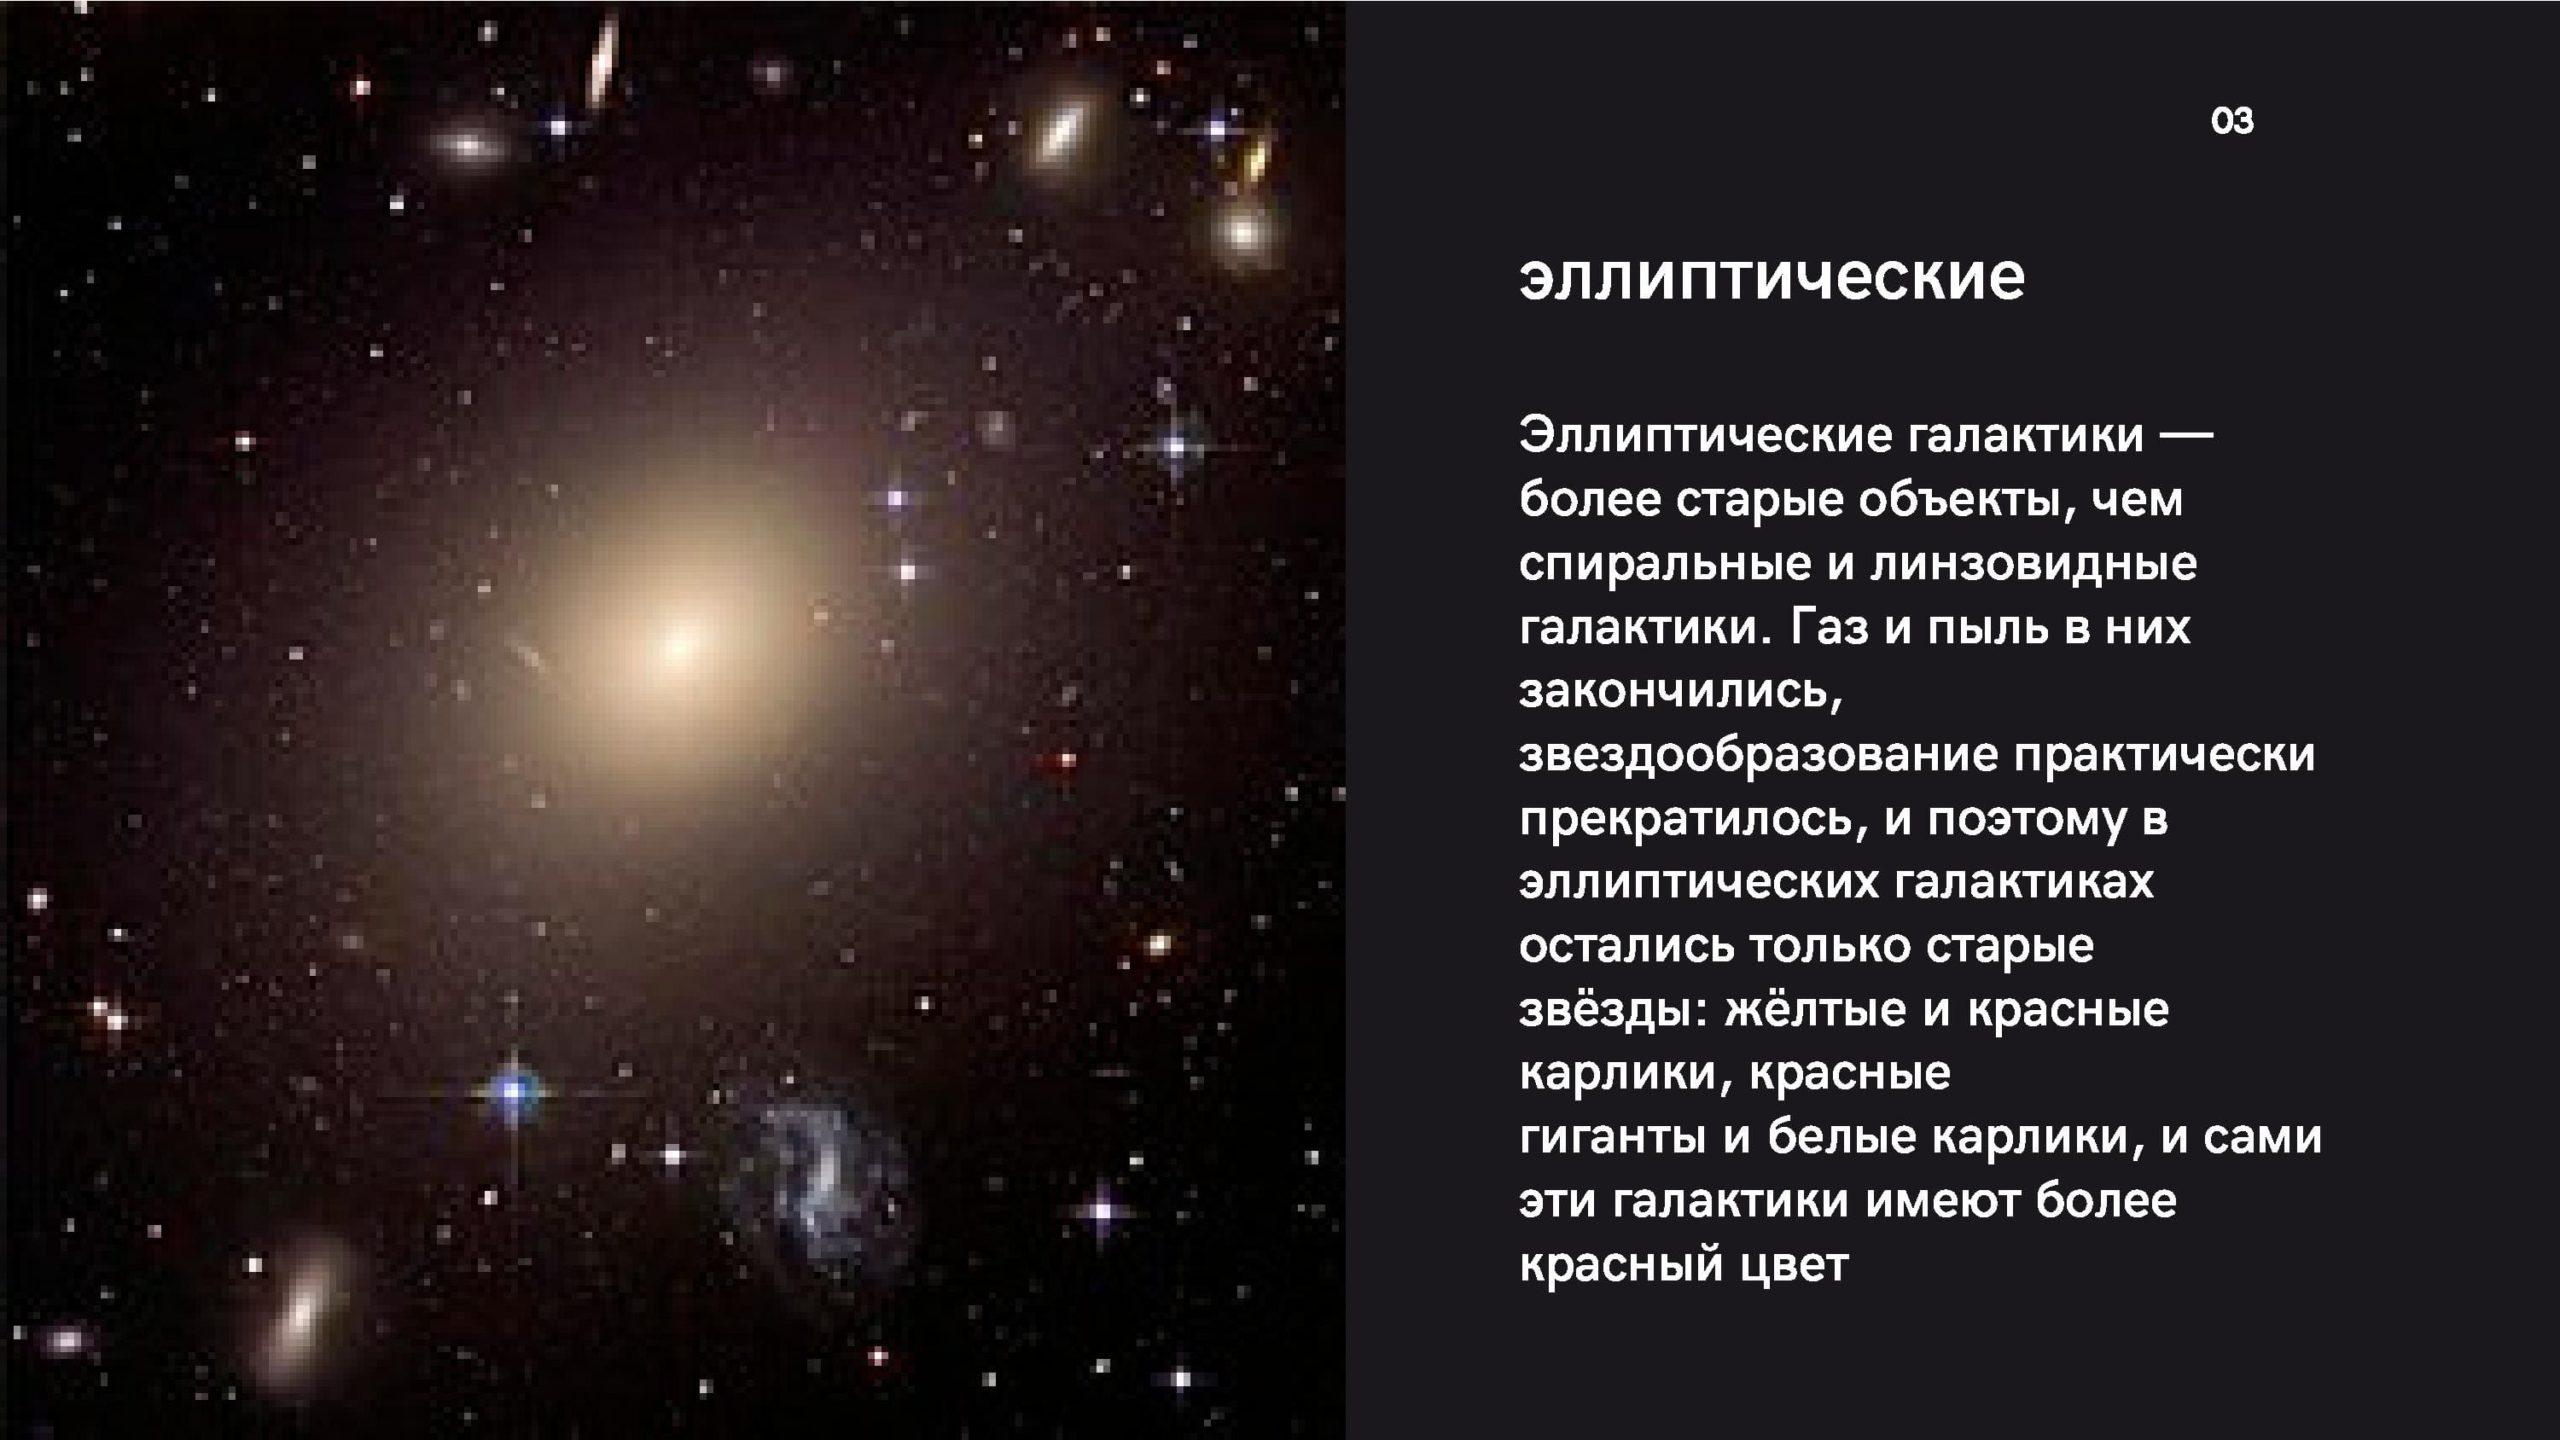 Эллиптические галактики - более старые объекты, чем спиральные